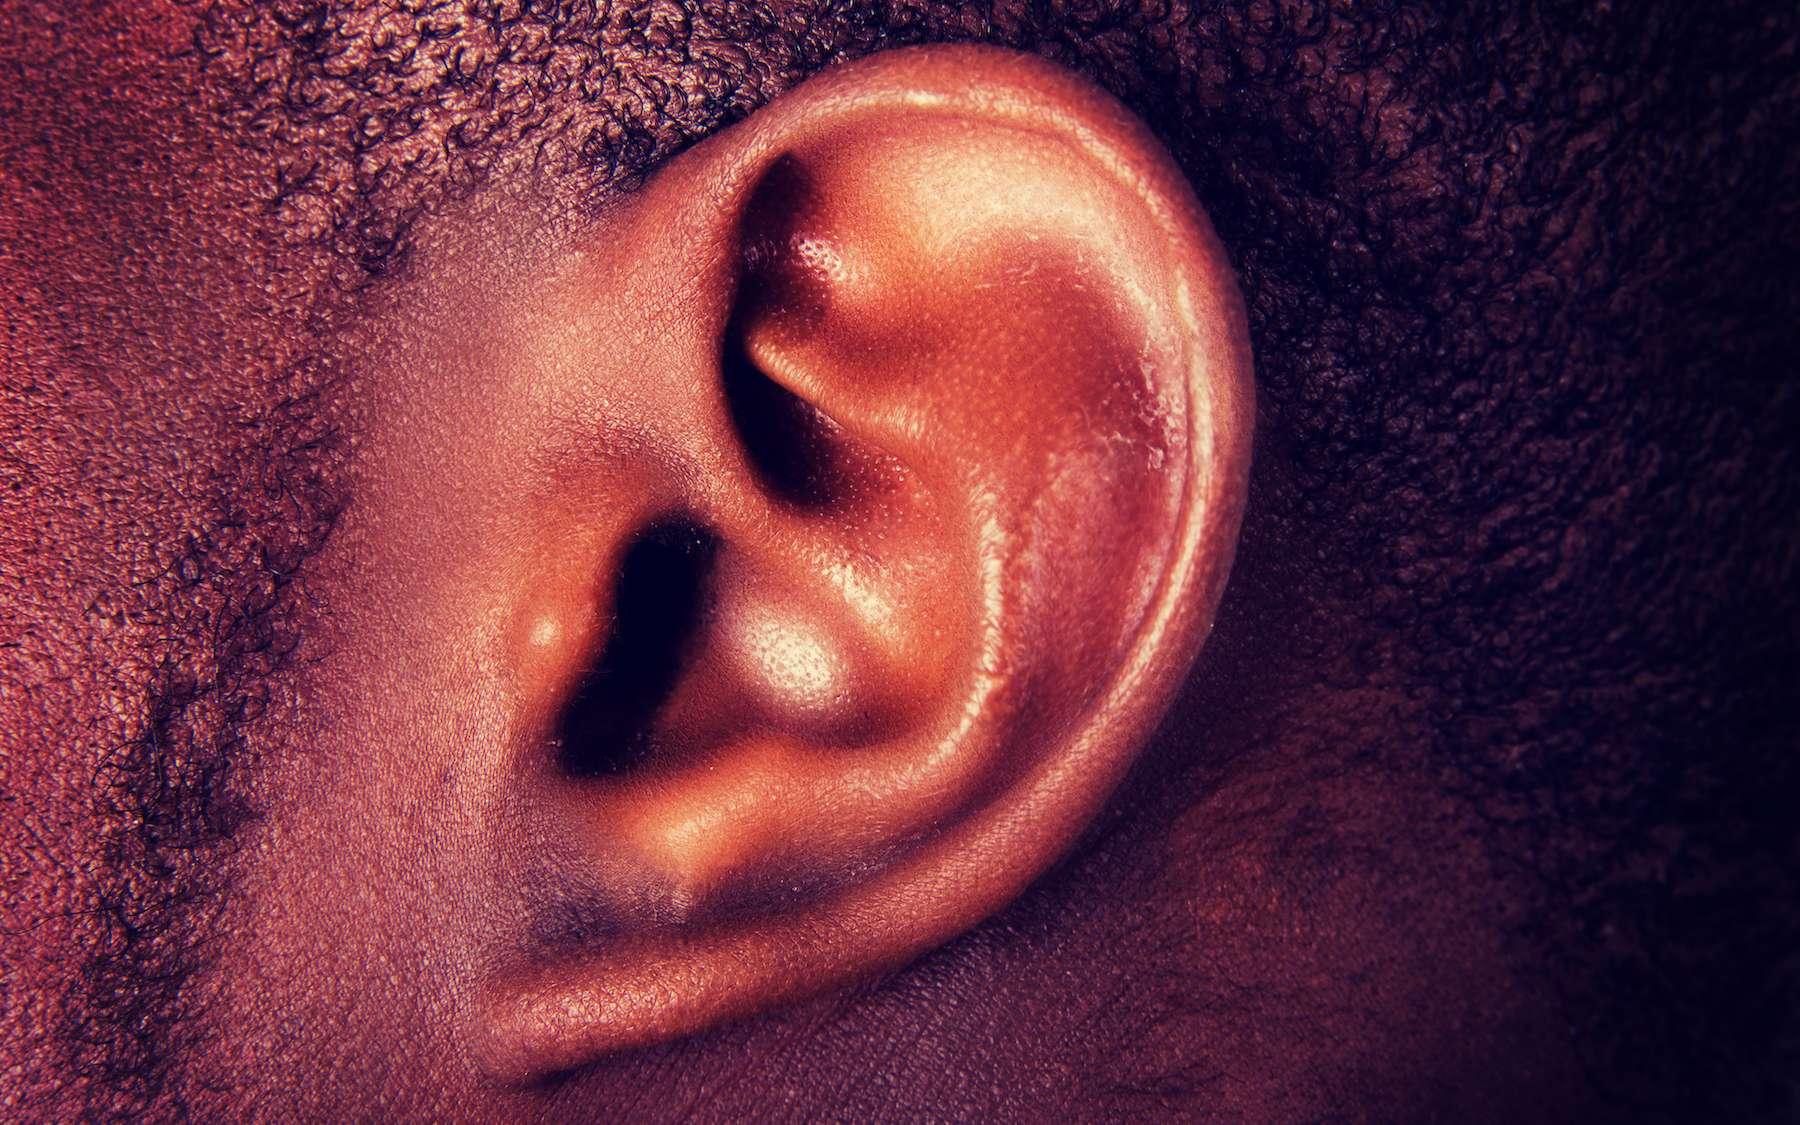 oreille chauffe